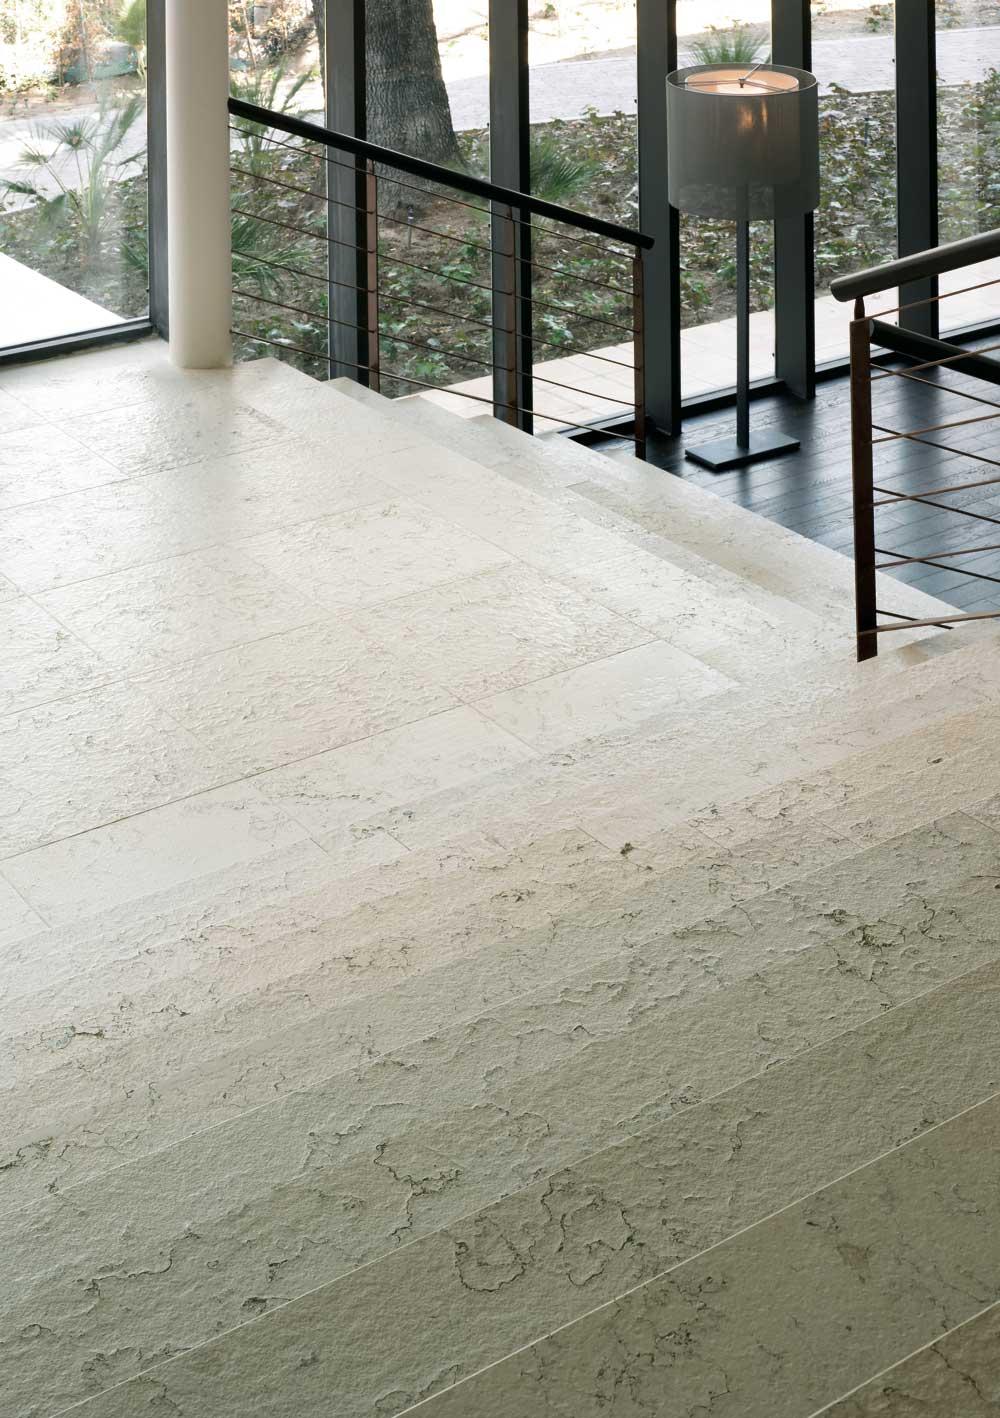 NH Sotogrande - Escalera de piedra natural - Natural Stone staircase - Perlino Bianco